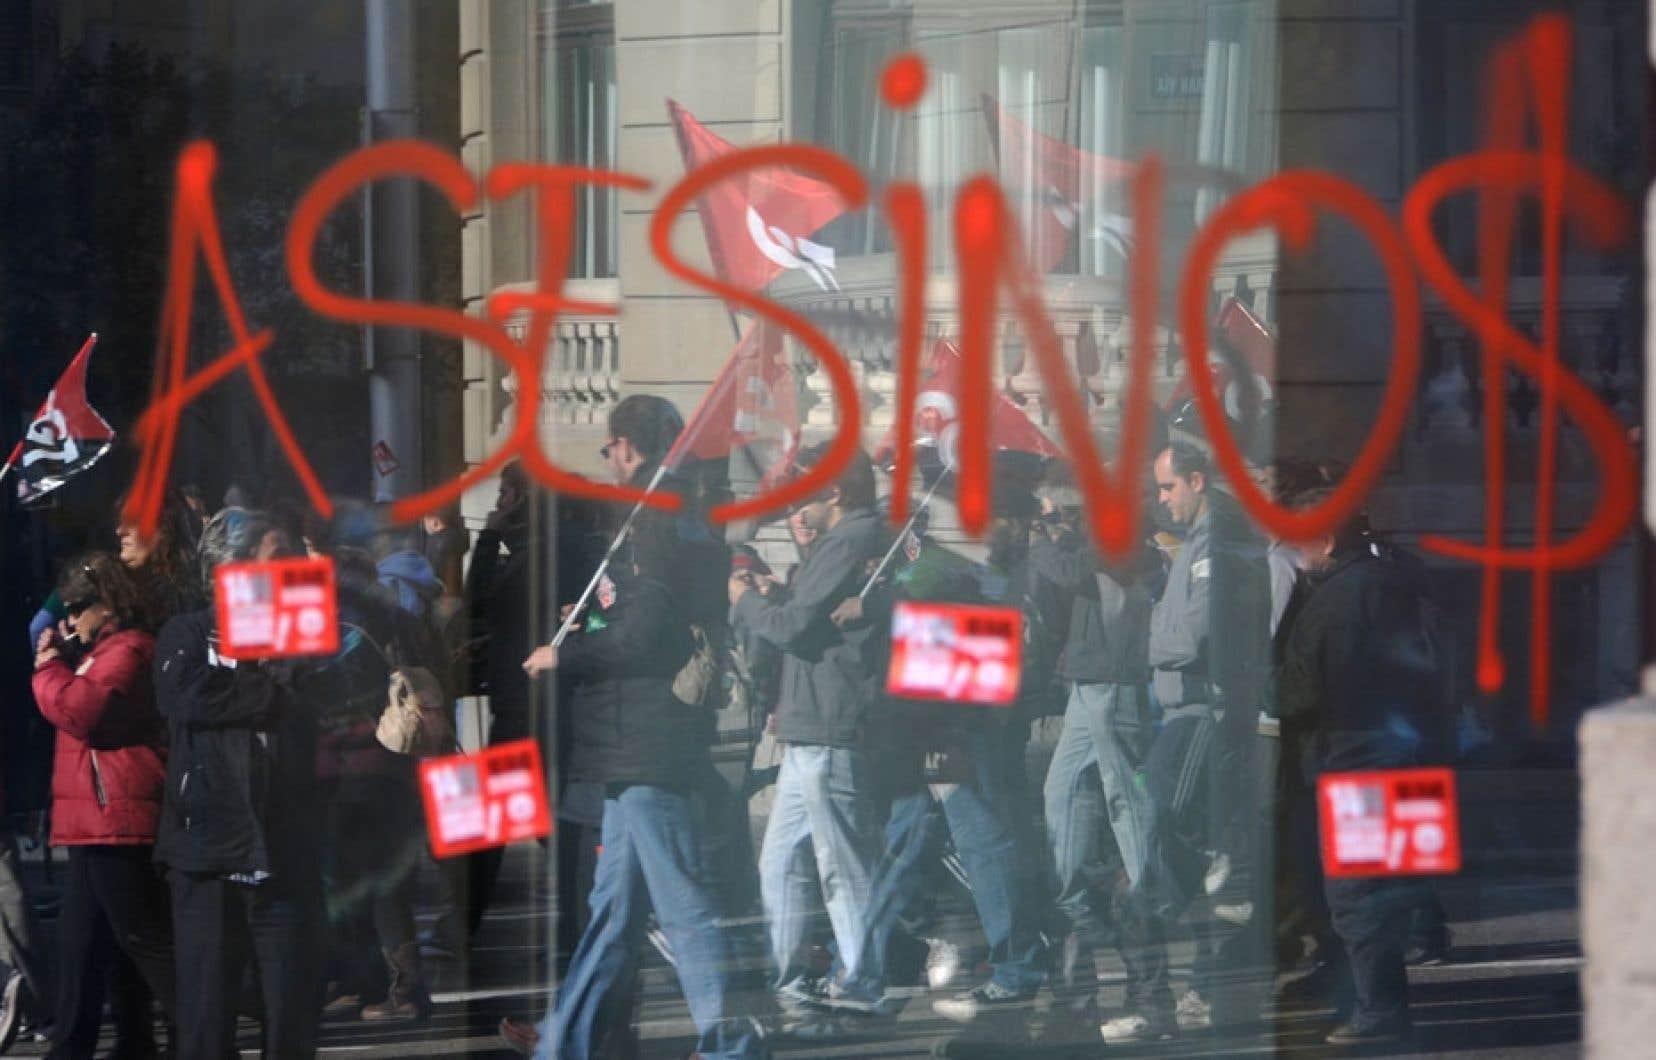 Manifestation — une autre — en Espagne, où la crise de la dette a fait énormément de victimes. Sur la vitrine d'un commerce, quelqu'un a résumé en un seul mot ce que lui inspire l'action de son gouvernement en ces temps désespérants: «Assassins».